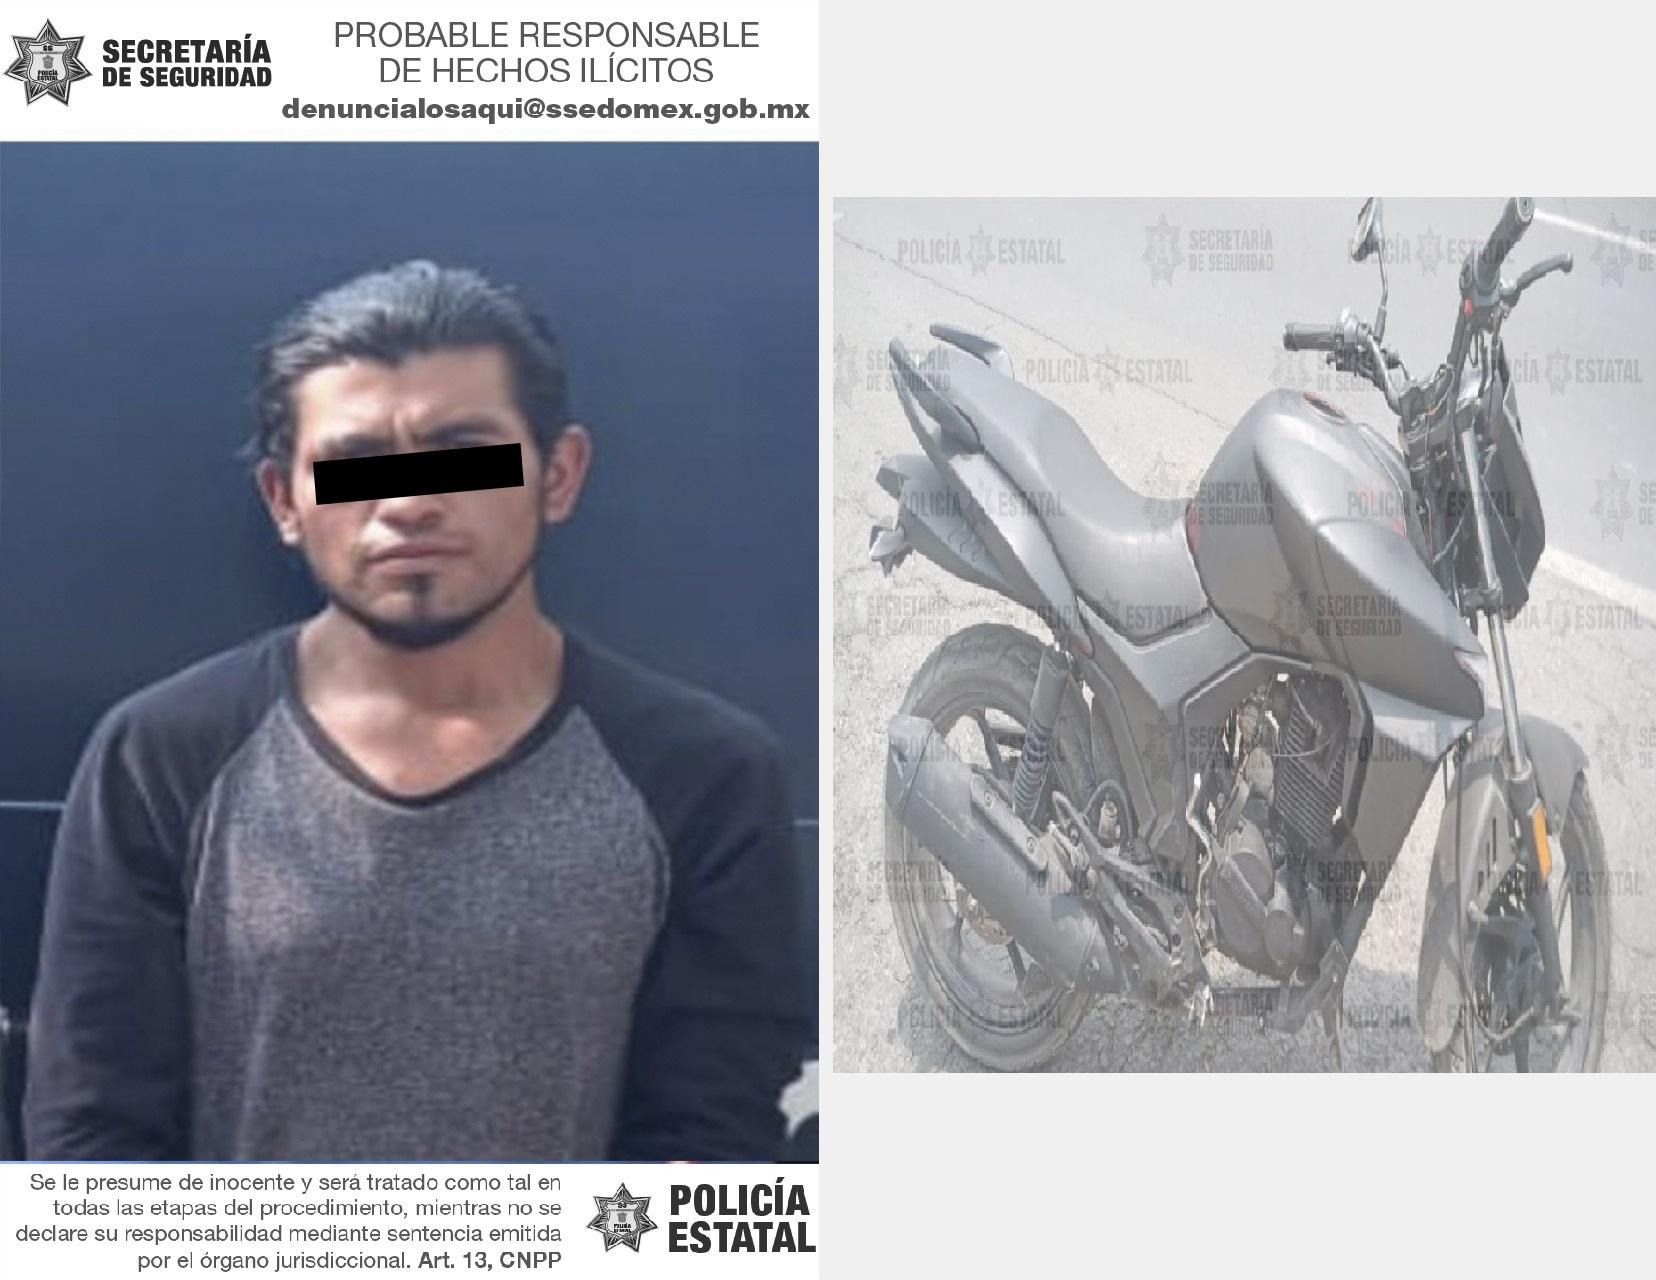 RECUPERAN EN TOLUCA UNA MOTOCICLETA CON REPORTE DE ROBO